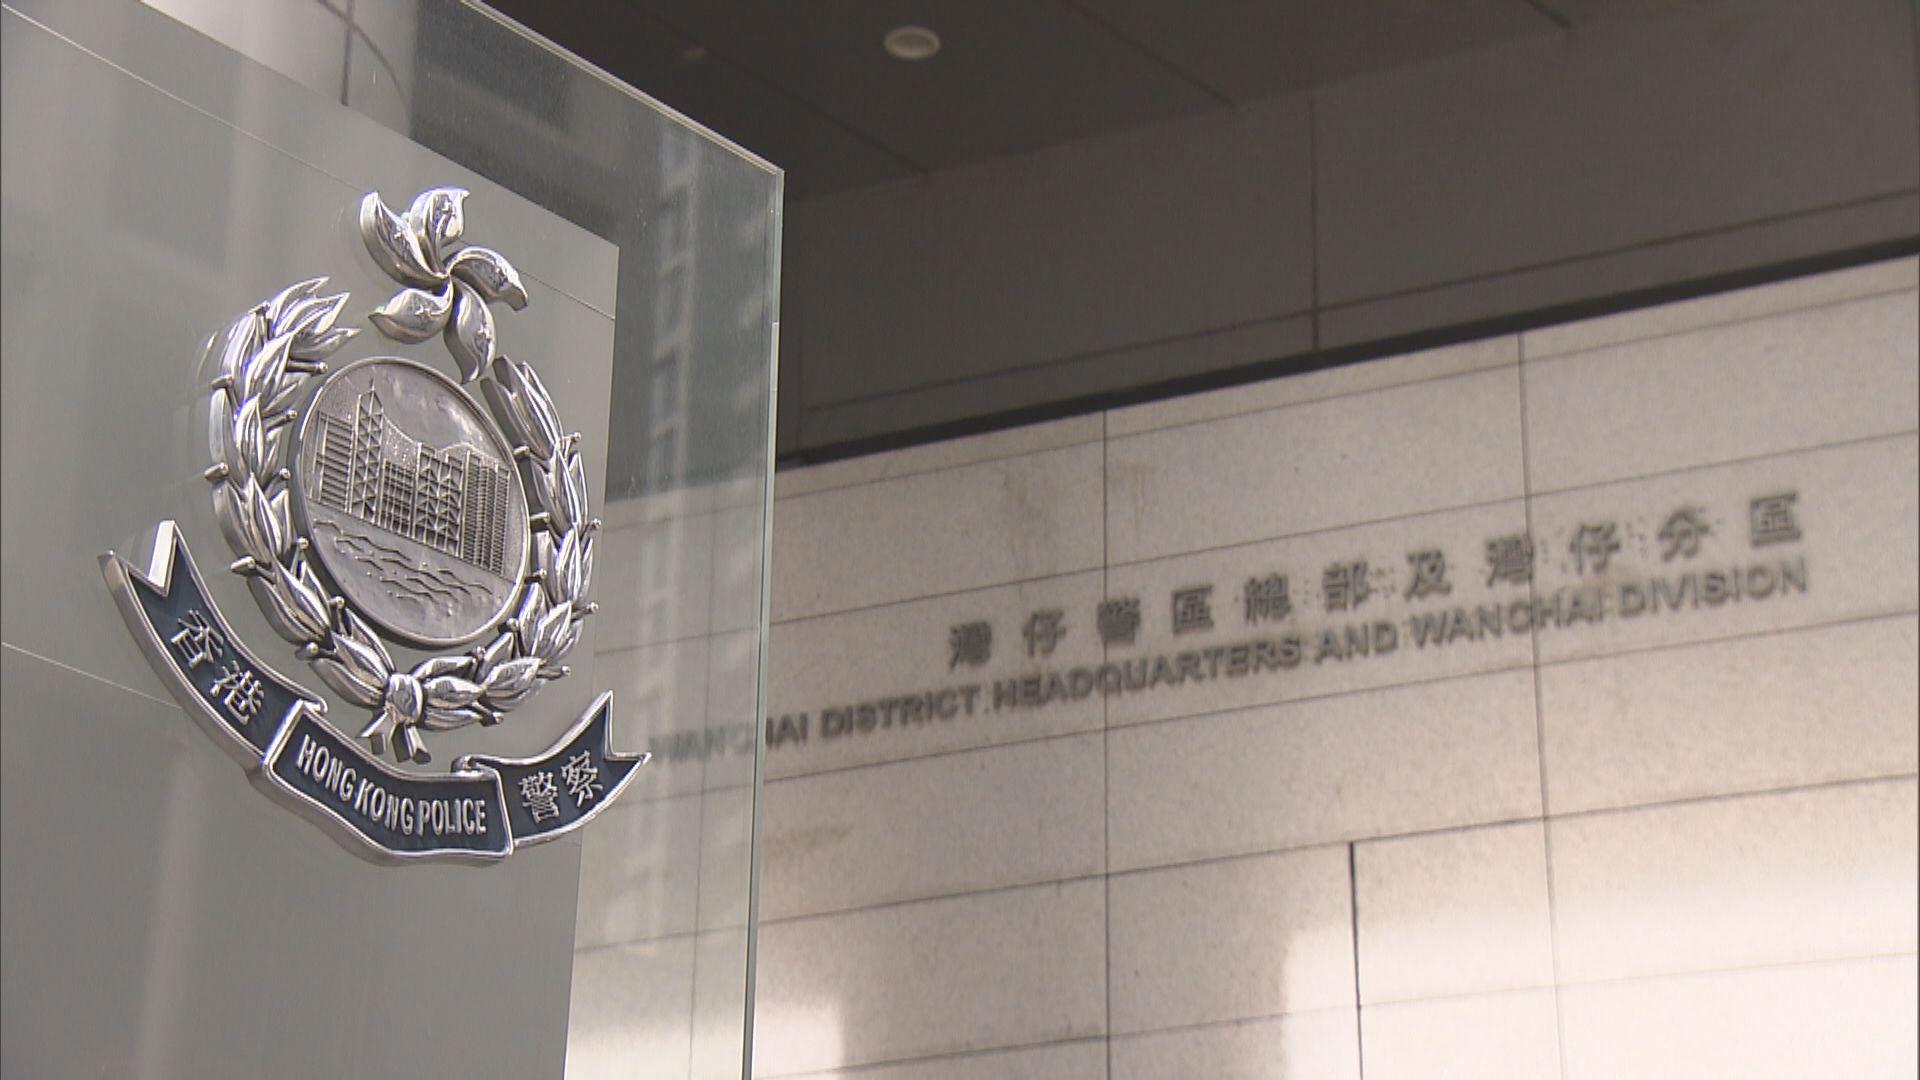 區議員涉串謀詐騙案共拘三人 警方不排除更多人被捕